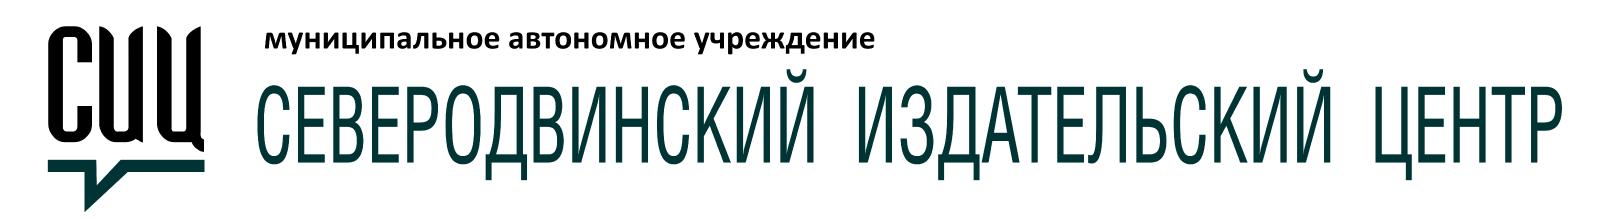 Муниципальное автономное учреждение «Северодвинский Издательский Центр»